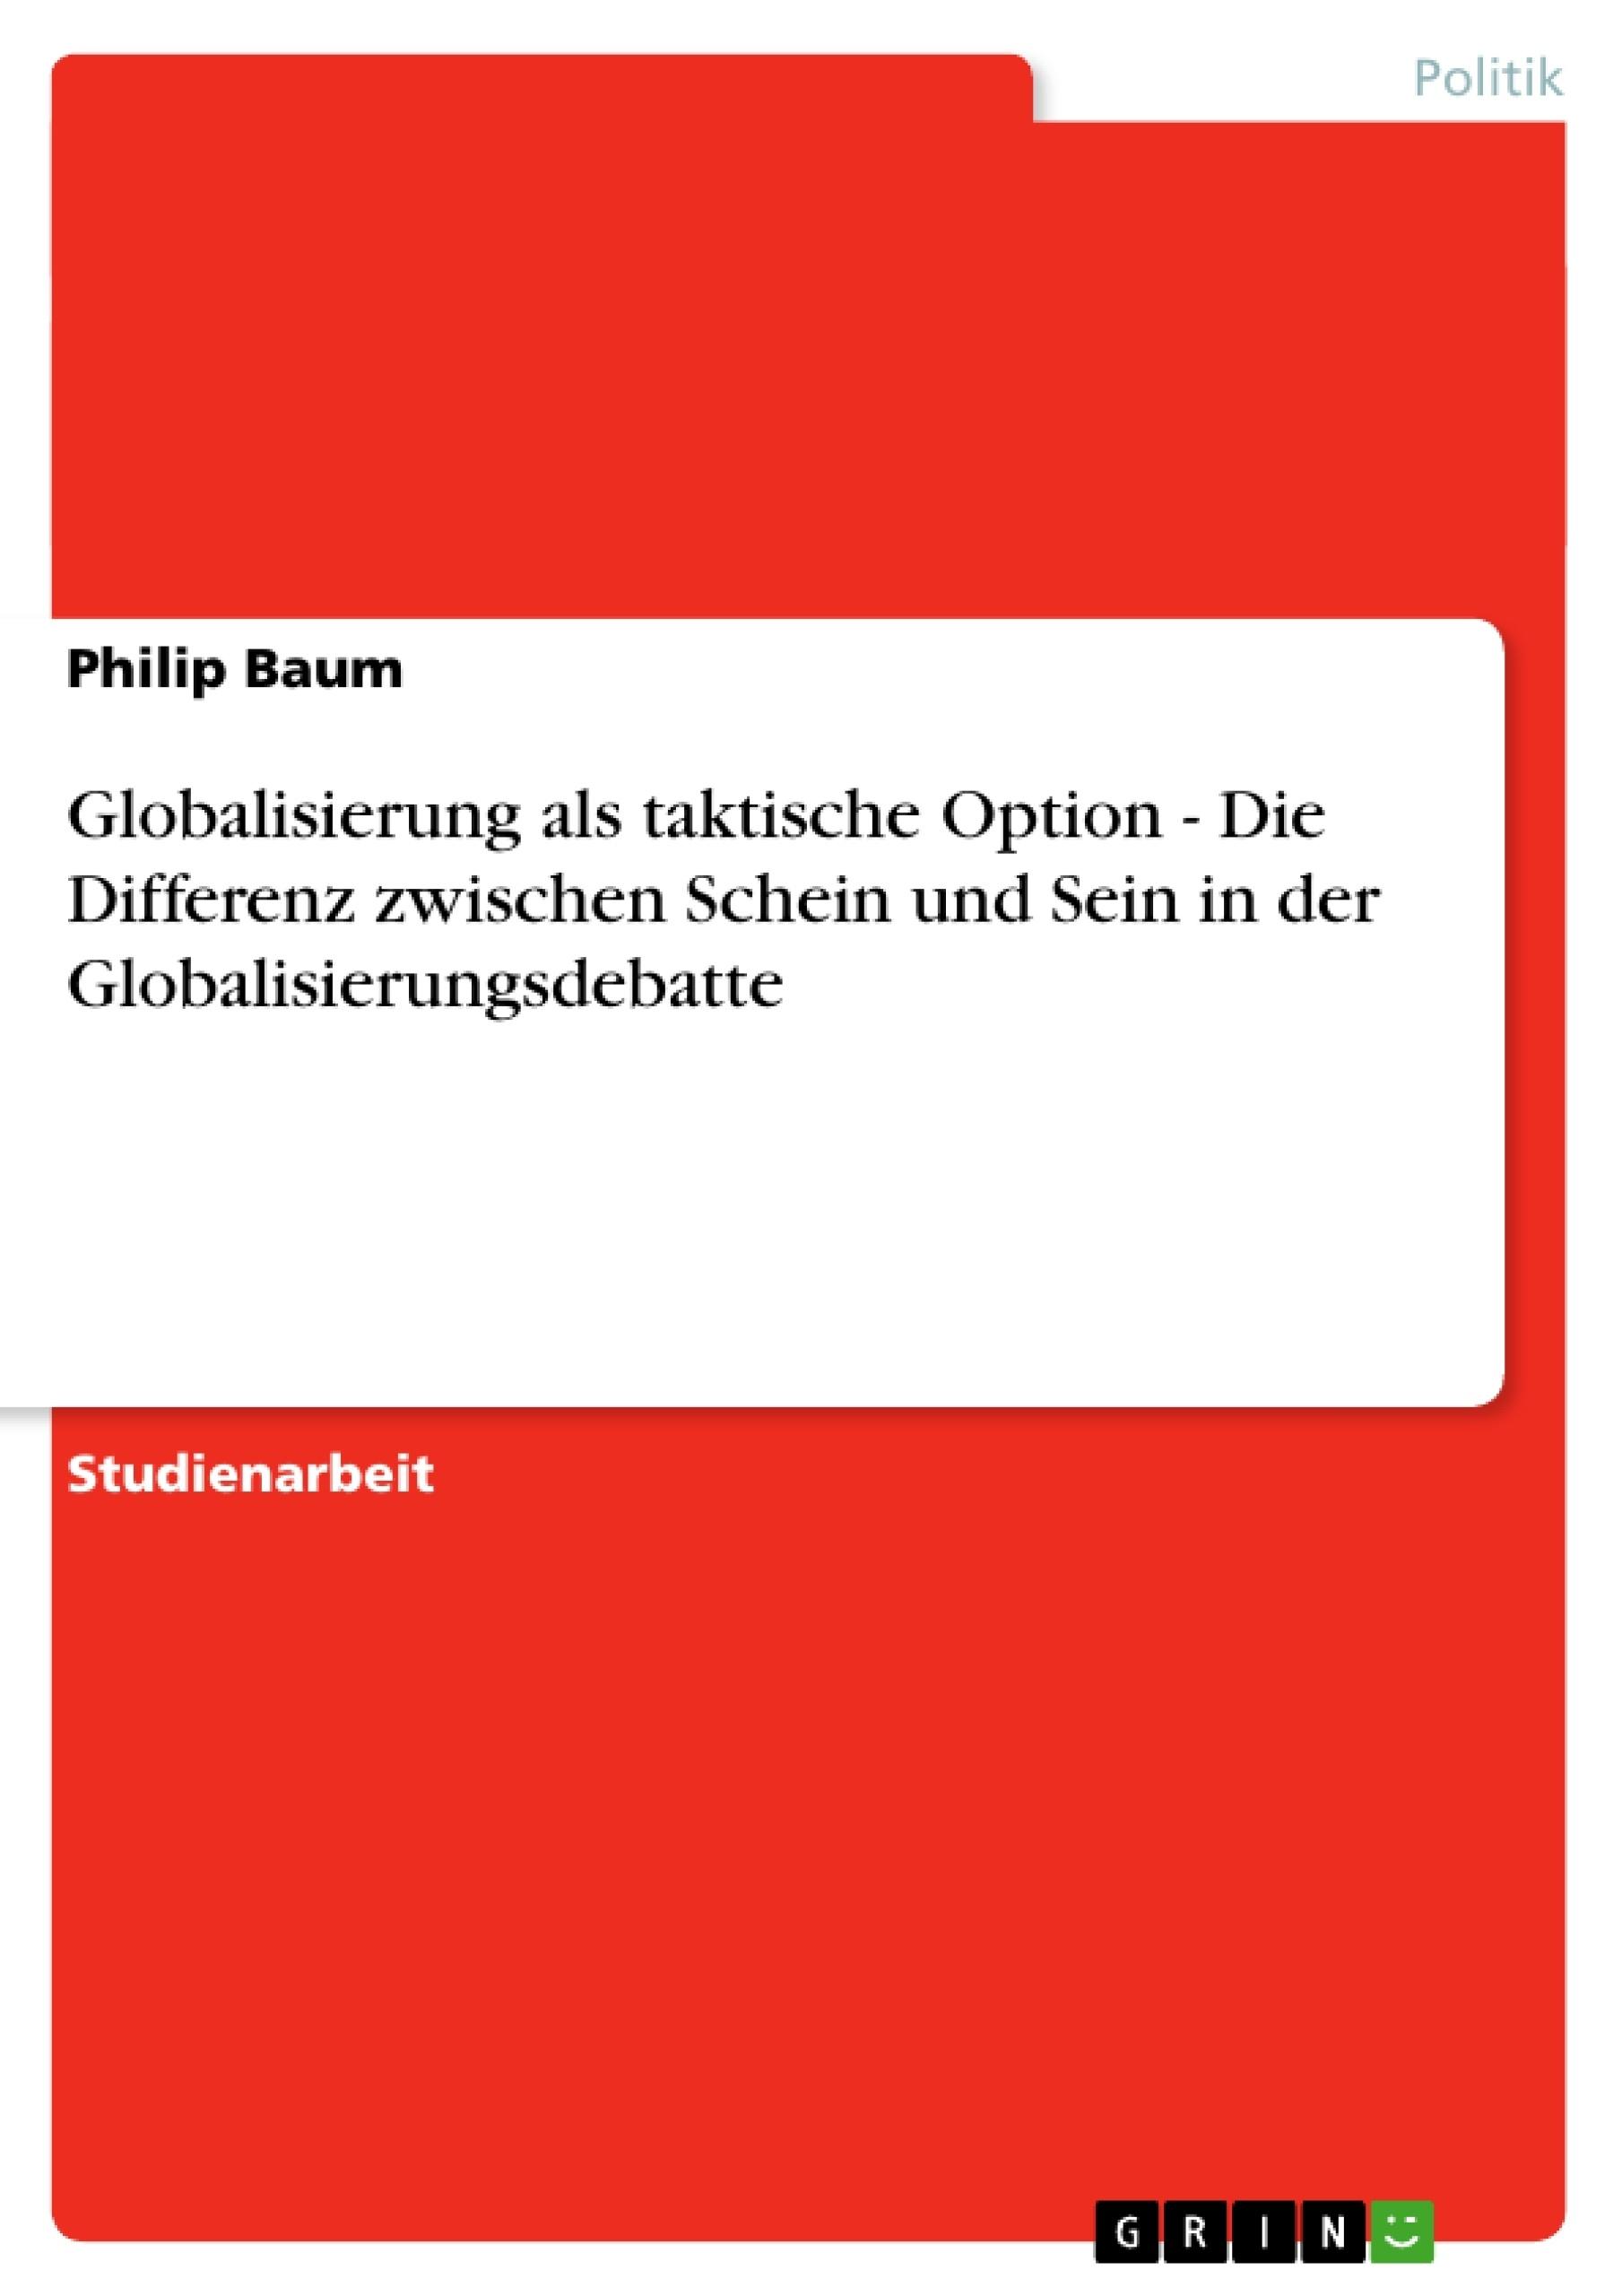 Titel: Globalisierung als taktische Option - Die Differenz zwischen Schein und Sein in der Globalisierungsdebatte